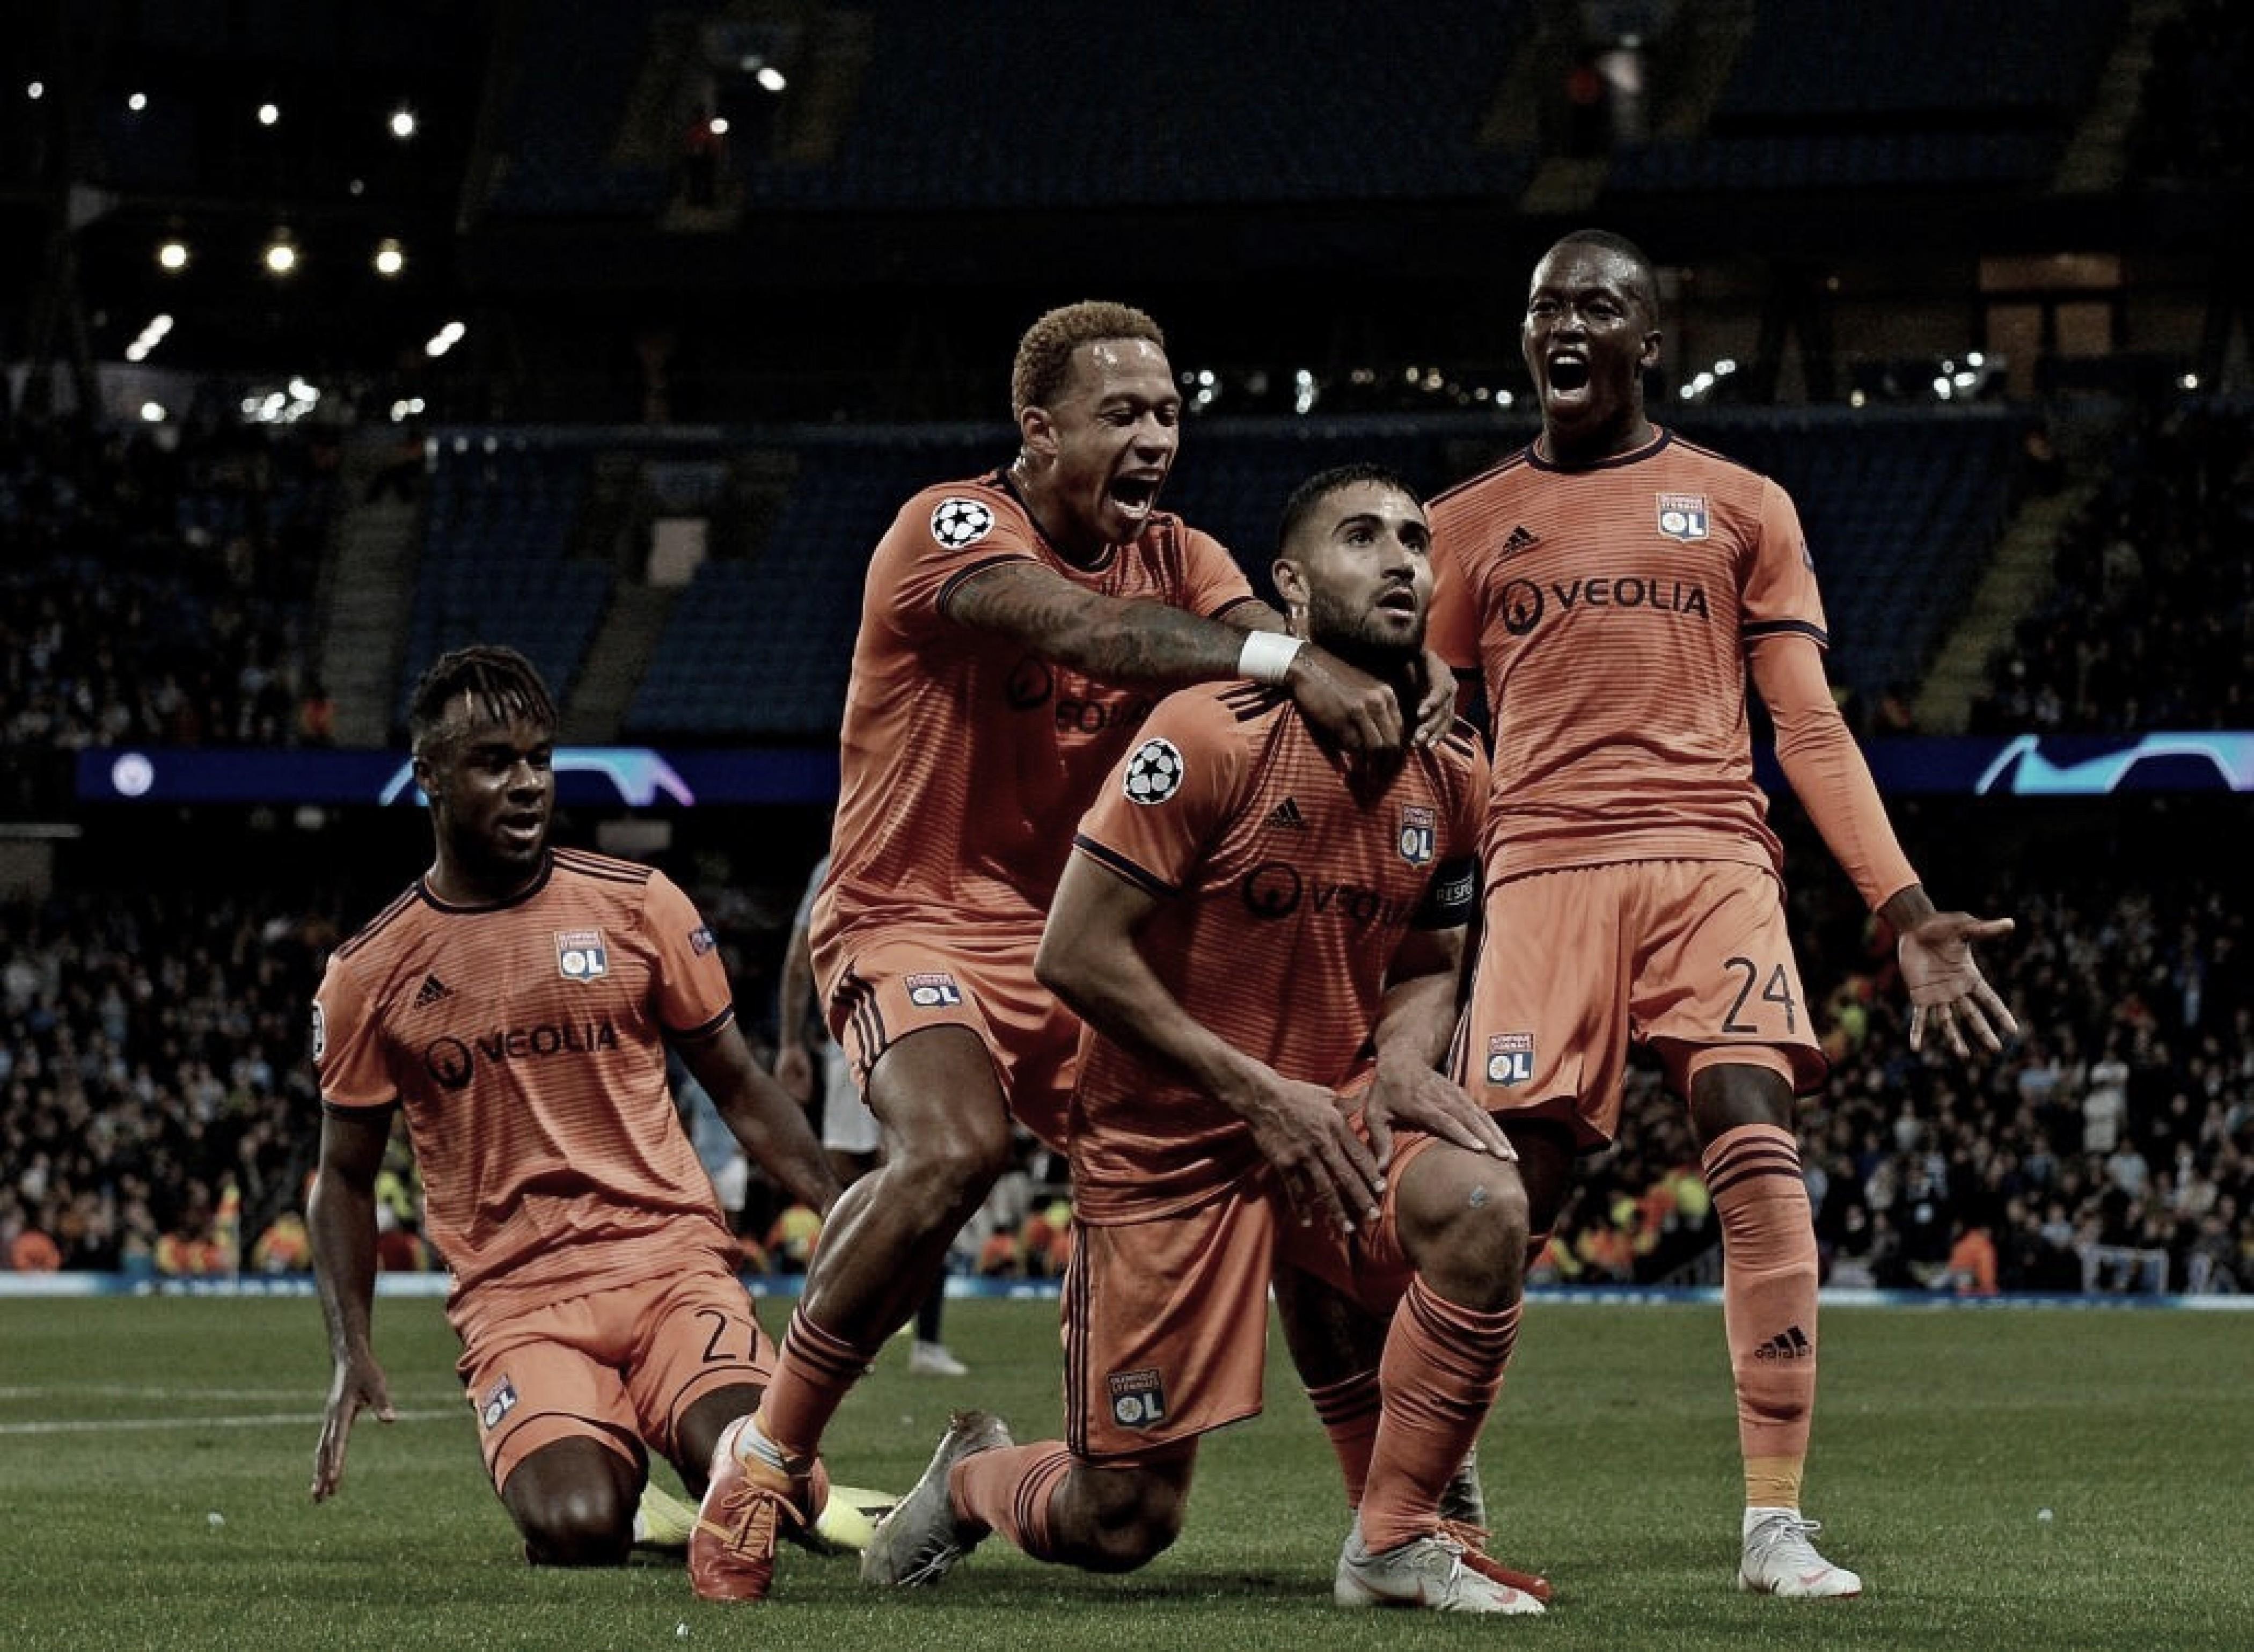 Lyon surpreende Manchester City em casa e conquista liderança temporária do Grupo F da Champions